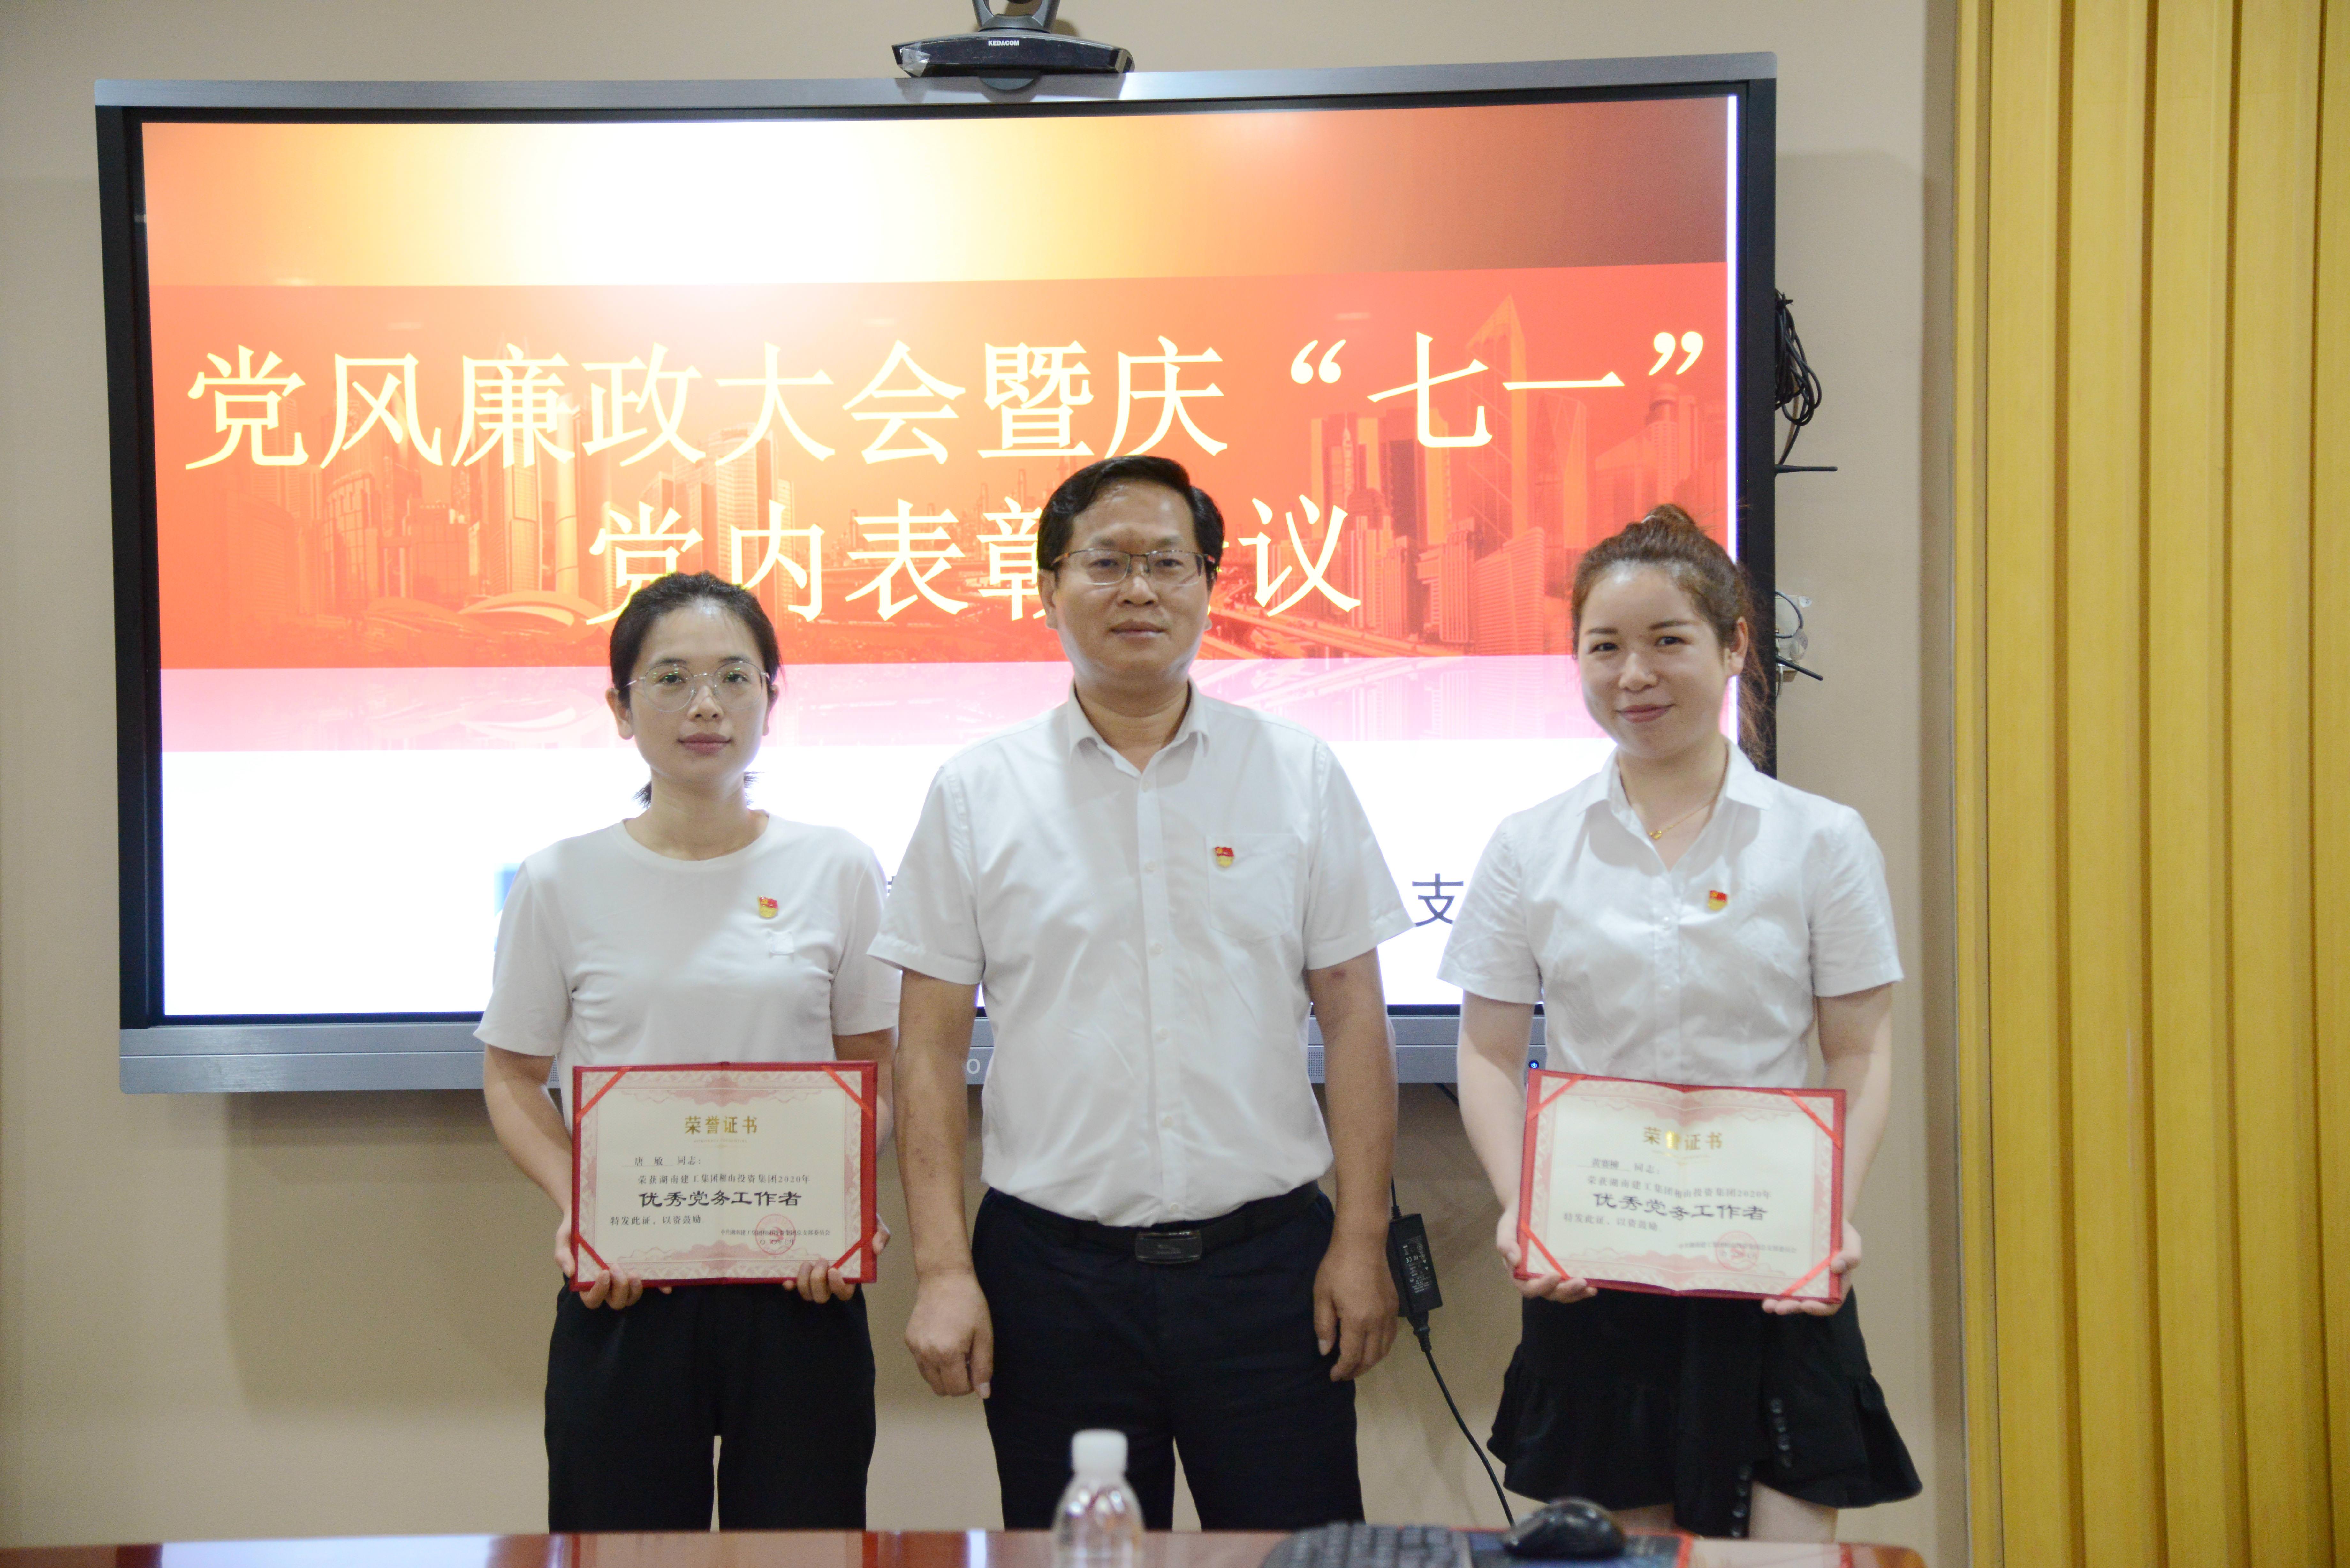 """召开2020党风廉政大会暨庆""""七一""""党内表彰会议2.JPG"""